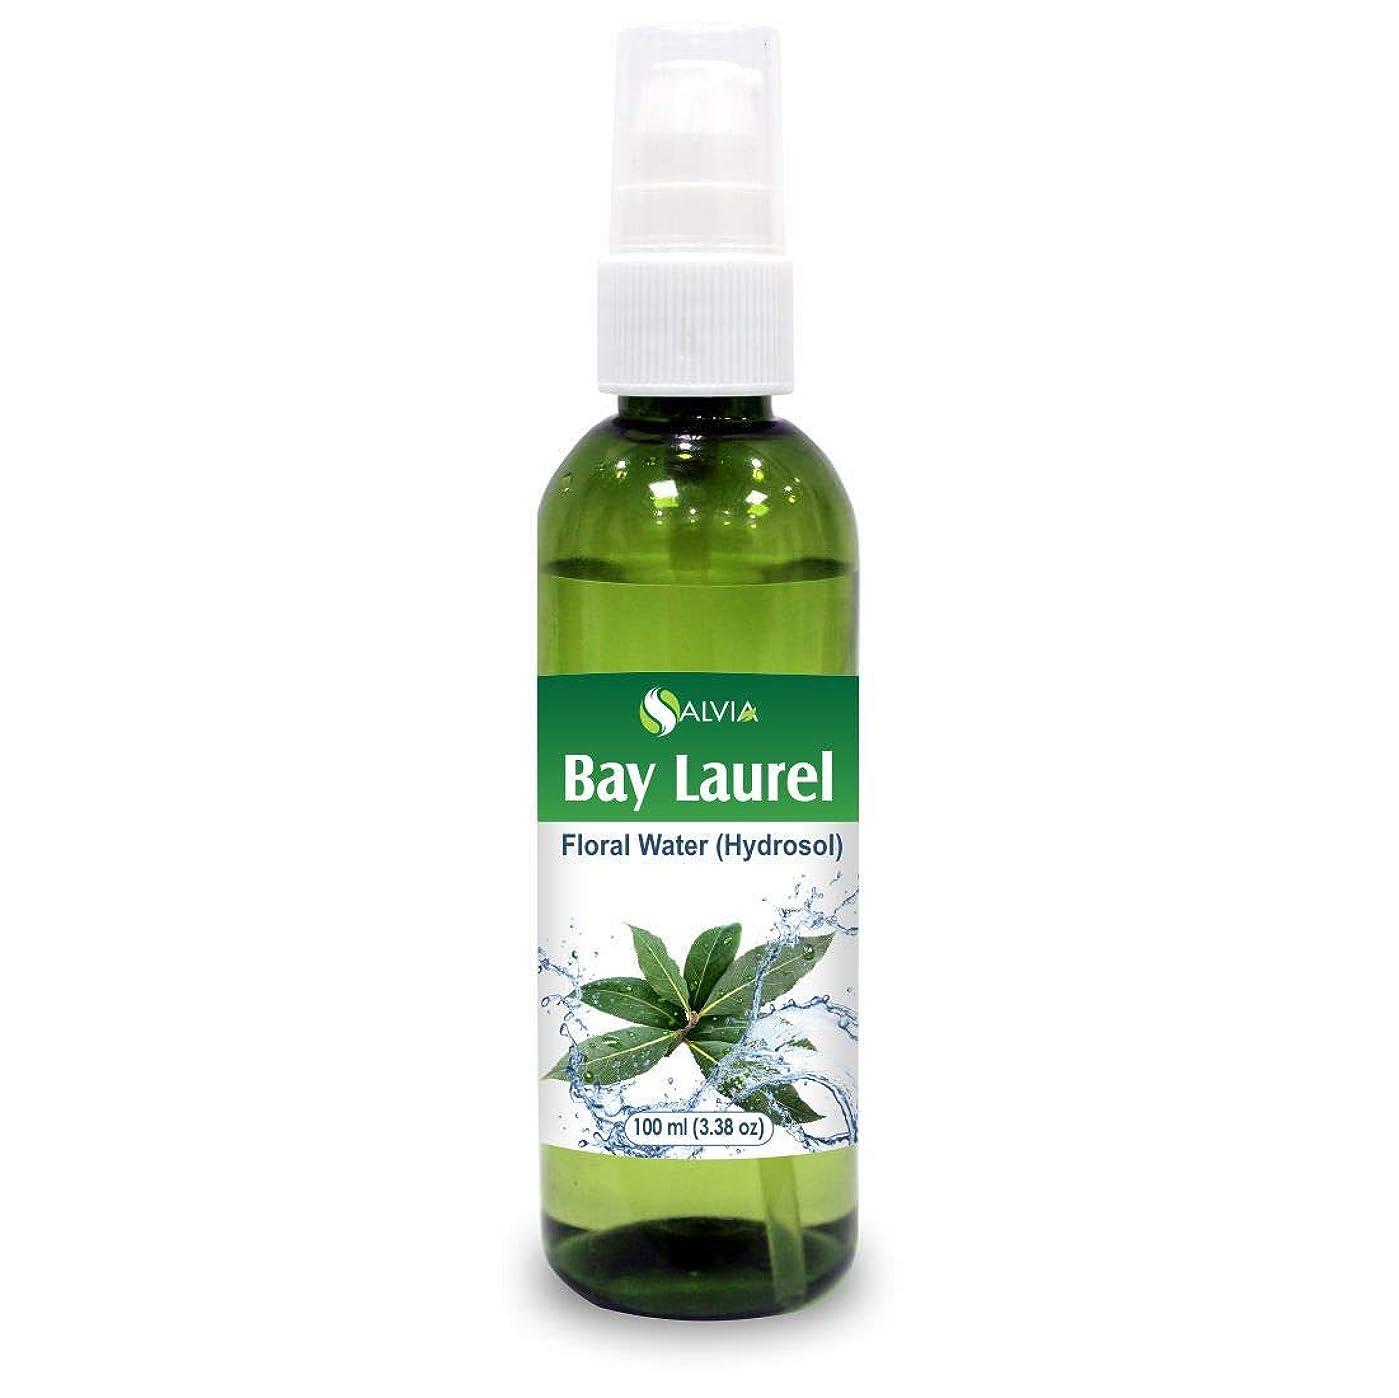 フェリーリム社会学Bay Laurel Floral Water 100ml (Hydrosol) 100% Pure And Natural